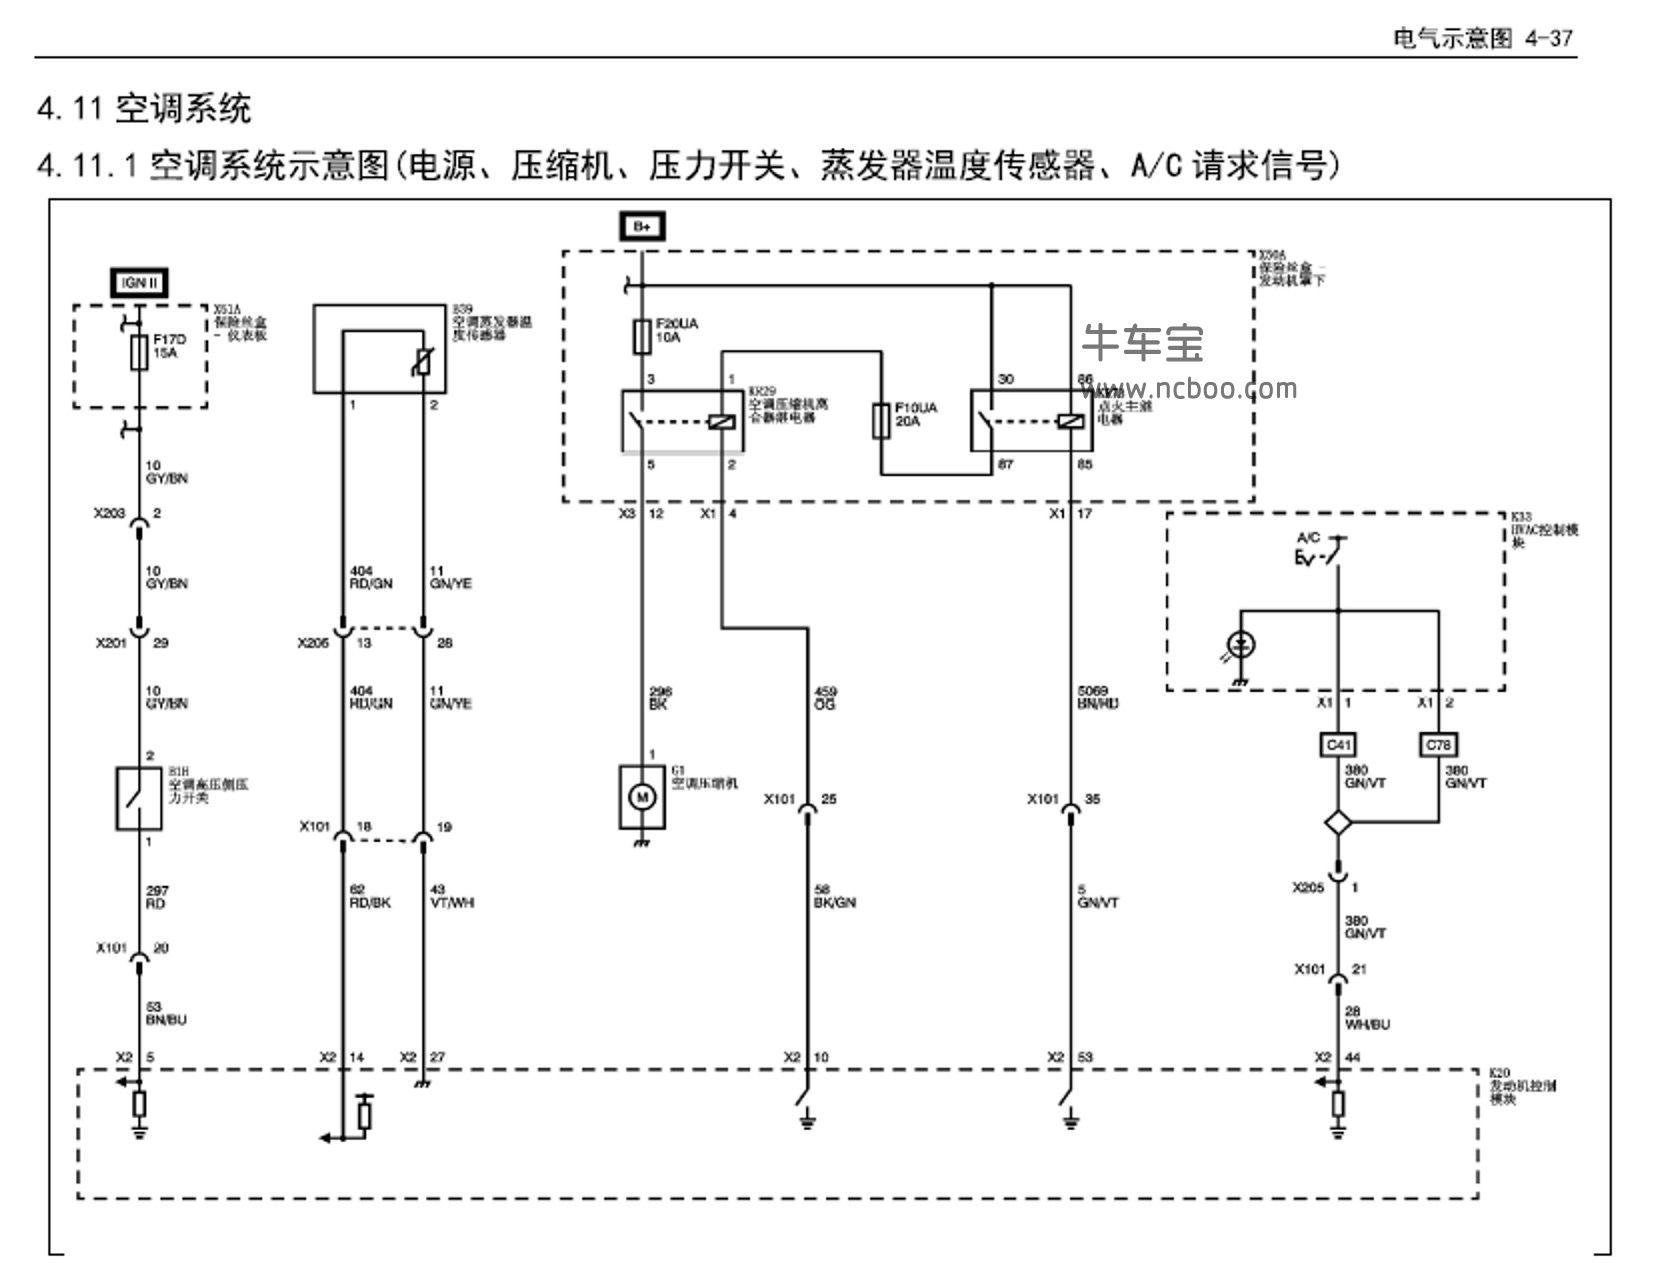 2015-2016款宝骏560原厂电路图资料下载